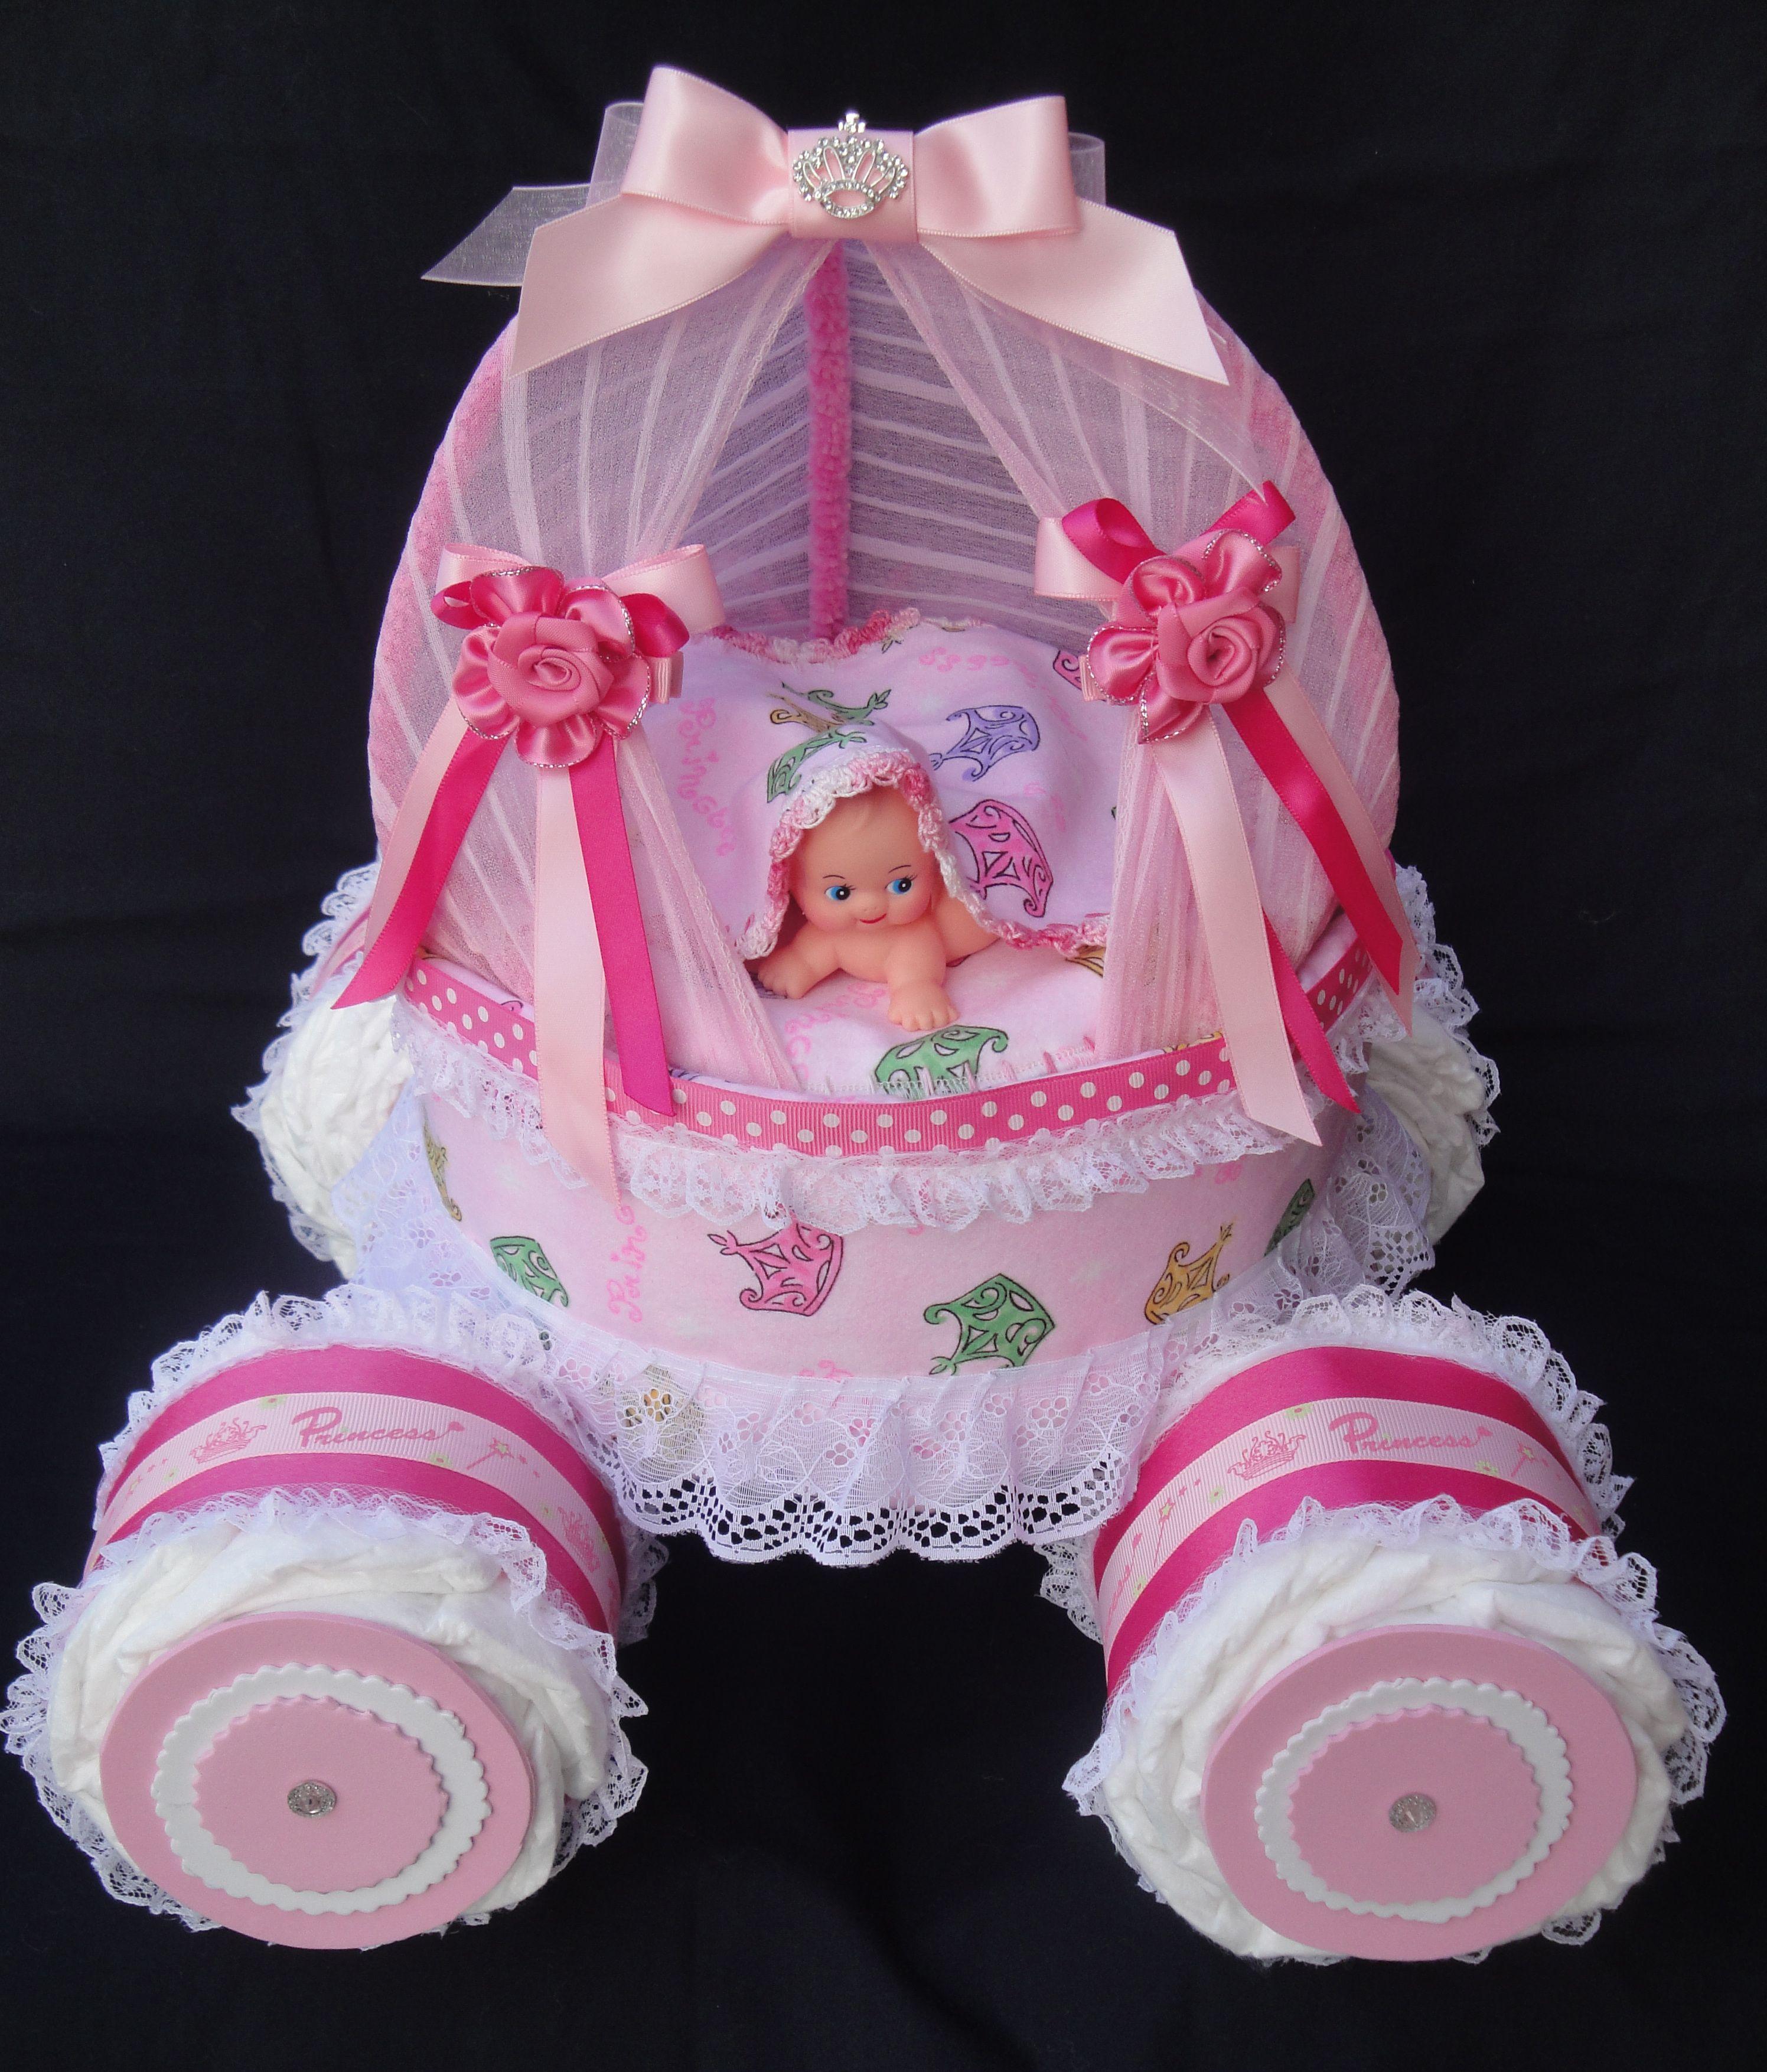 How To Make Baby Shower Diaper Cake: Princess Coach Carriage Diaper Cake Www.facebook.com